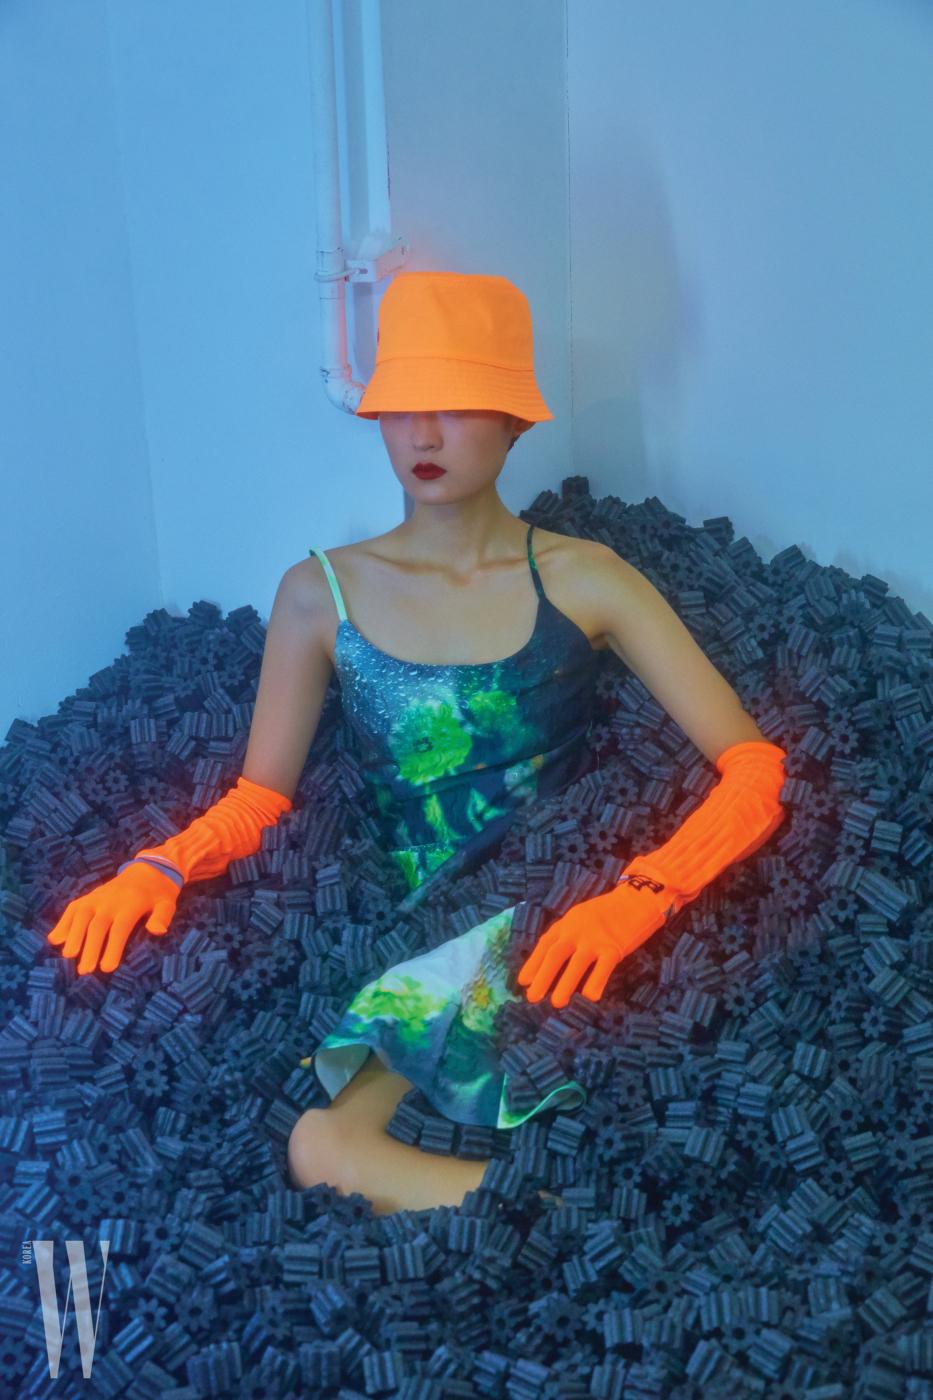 네온 오렌지 컬러 모자는 30만원대, 니트 장갑은 30만원대, 그래픽 프린트 드레스는 4백40만원대. 모두 프라다 제품.